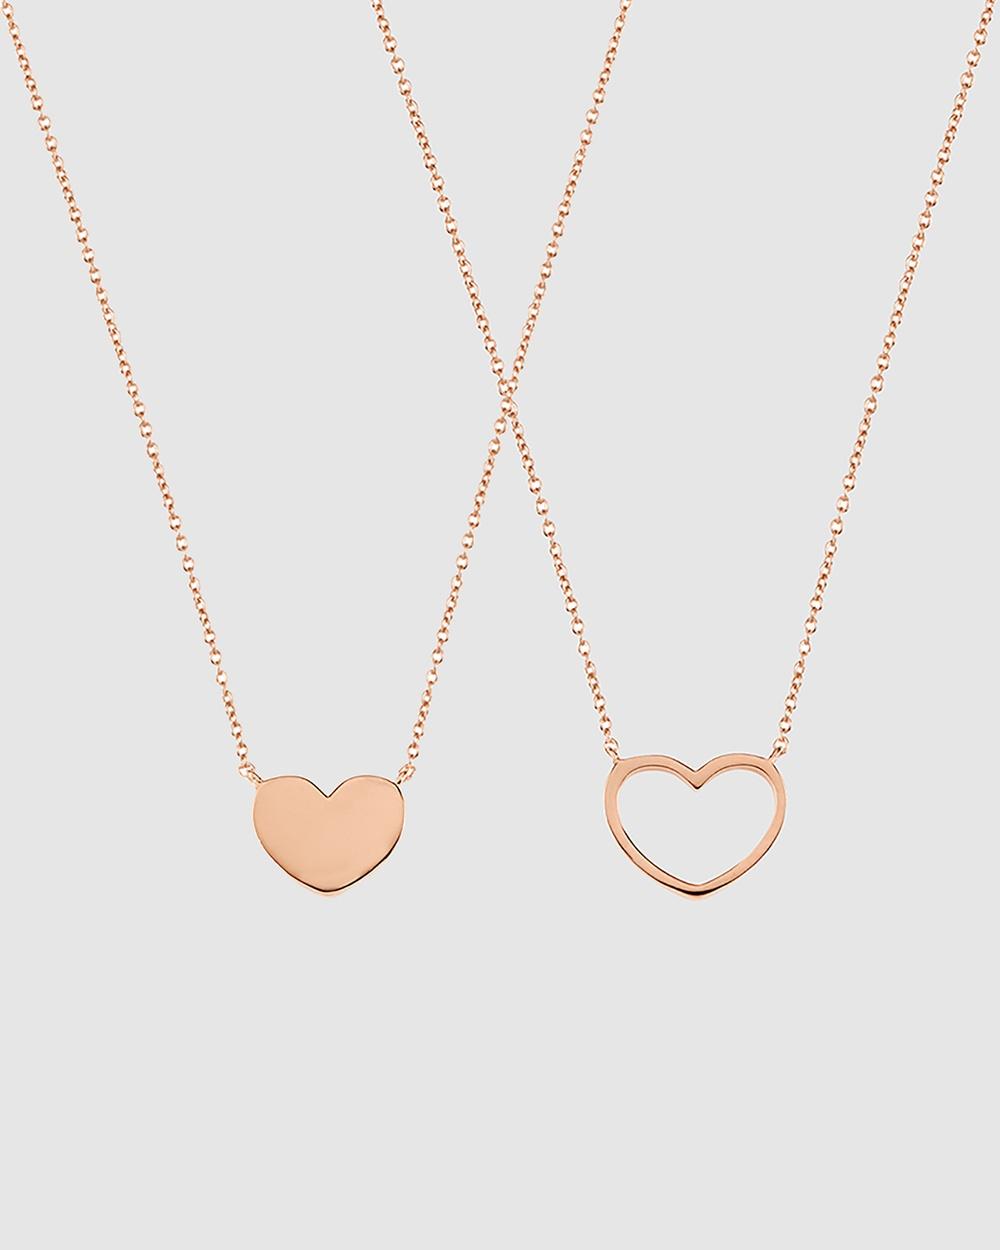 Secret Sisterhood Love Heart Friendship Necklaces Jewellery Rose Gold